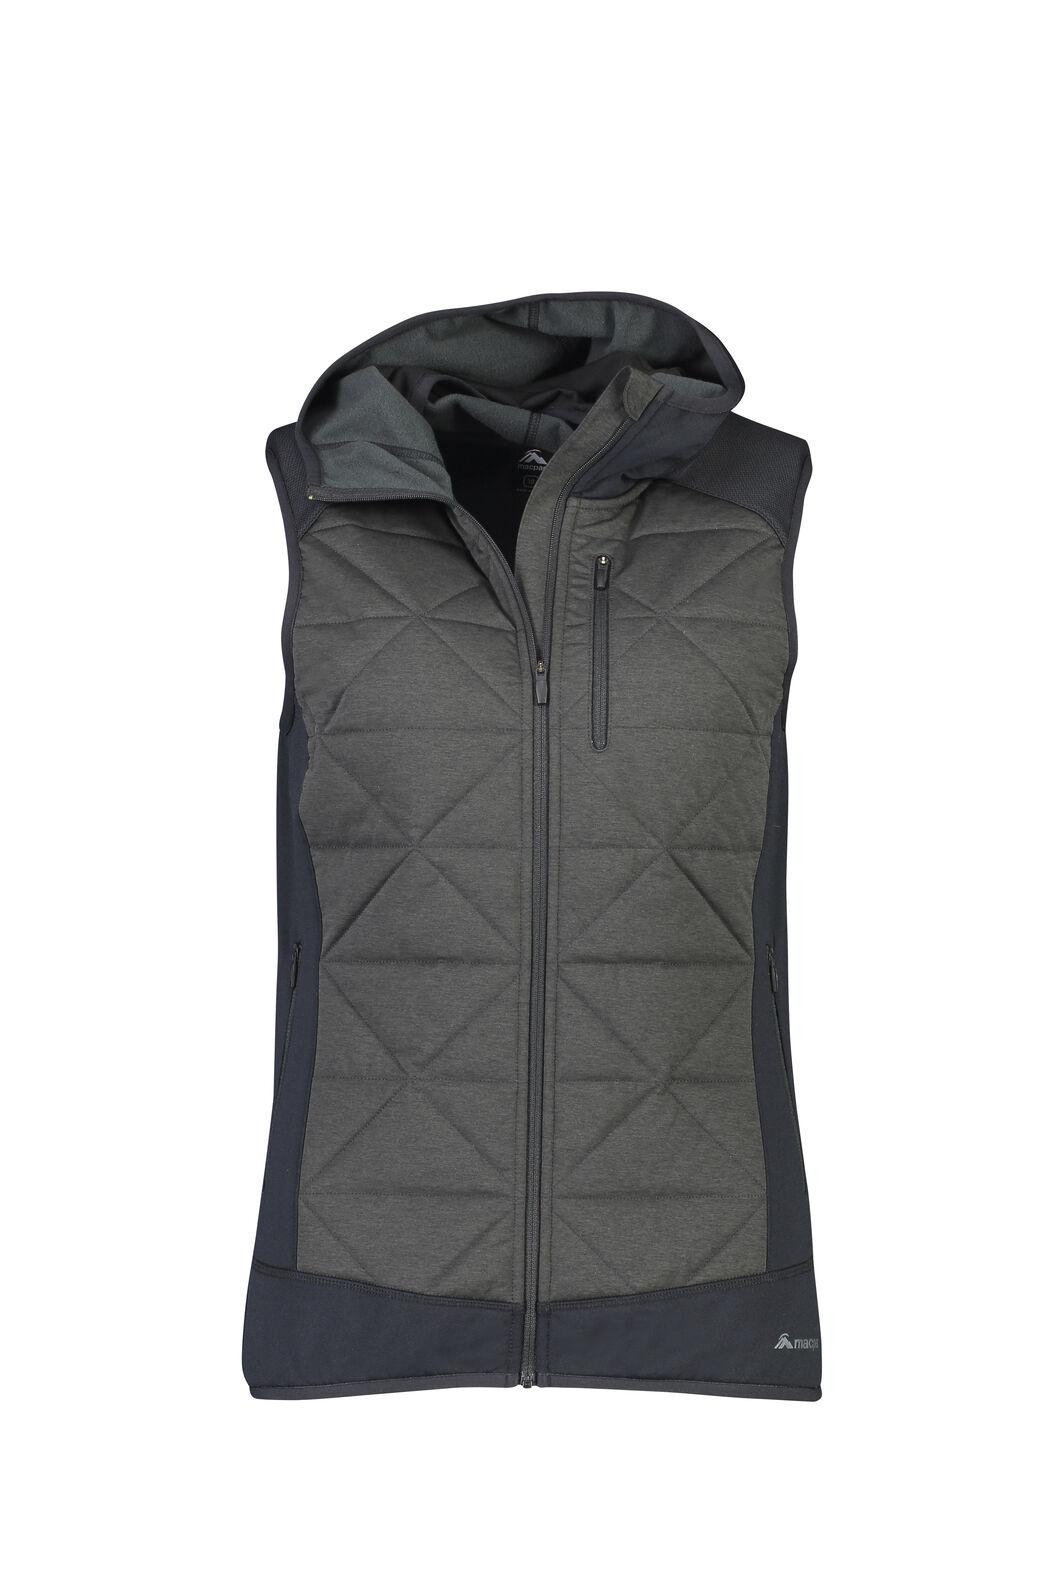 Macpac Accelerate PrimaLoft® Vest - Women's, Peat, hi-res